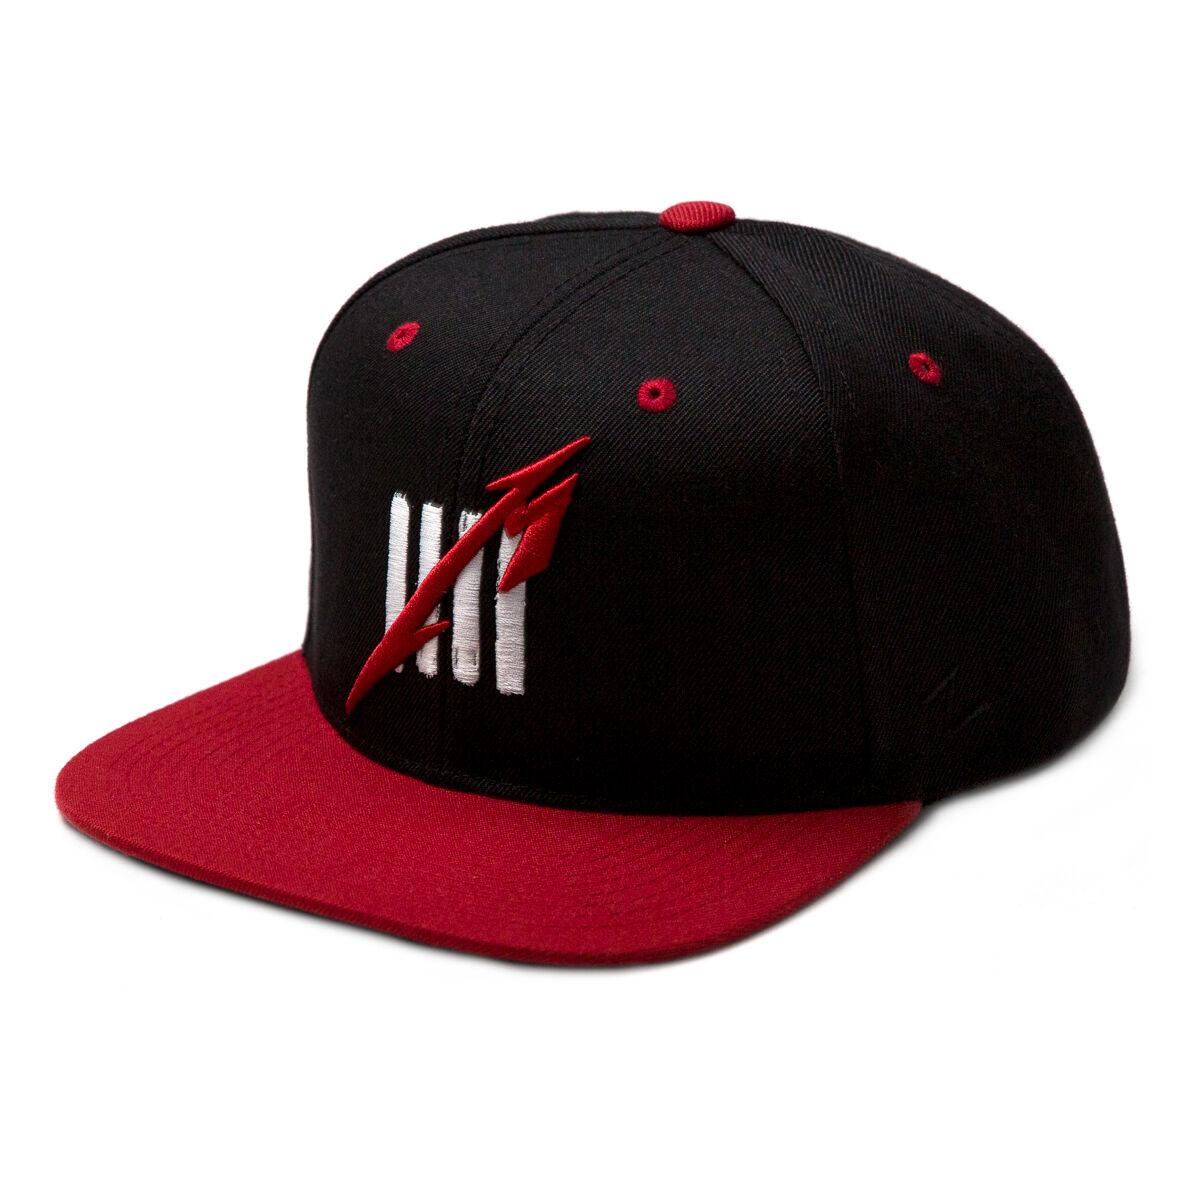 ... sale fifth member 2 tone flat brim snapback hat hi res 81bce 80a3d 90194a1b9d4b